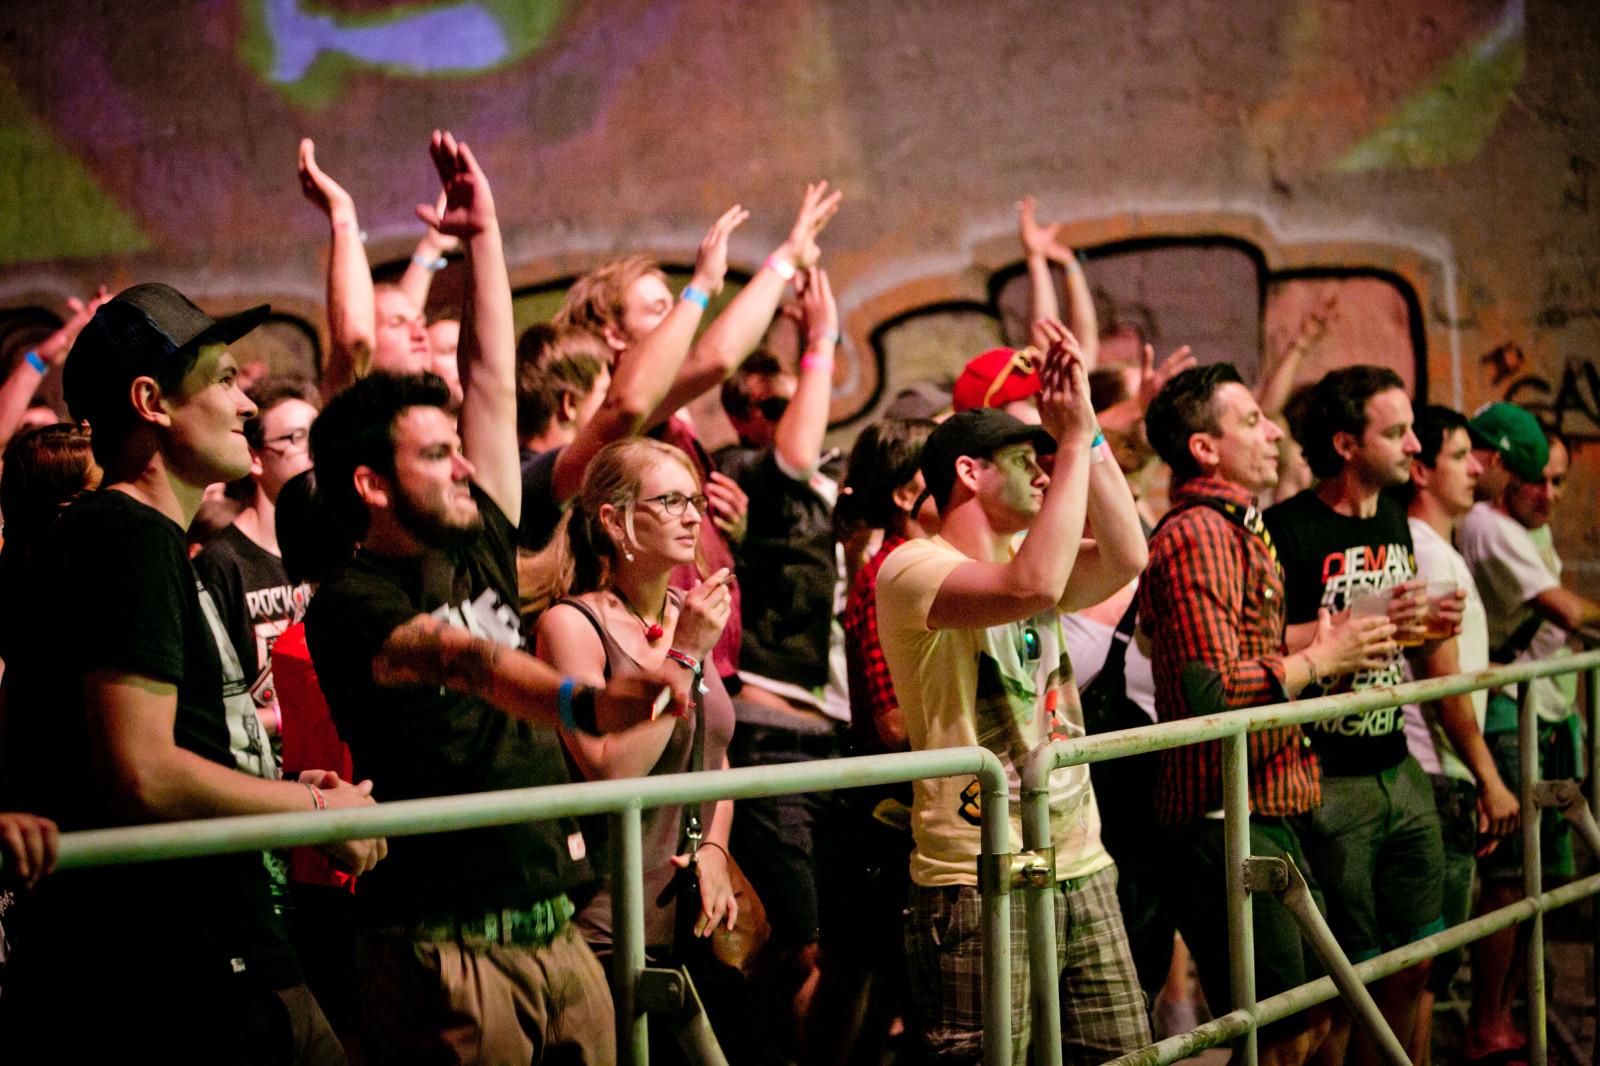 Die Fans der ersten Reihe